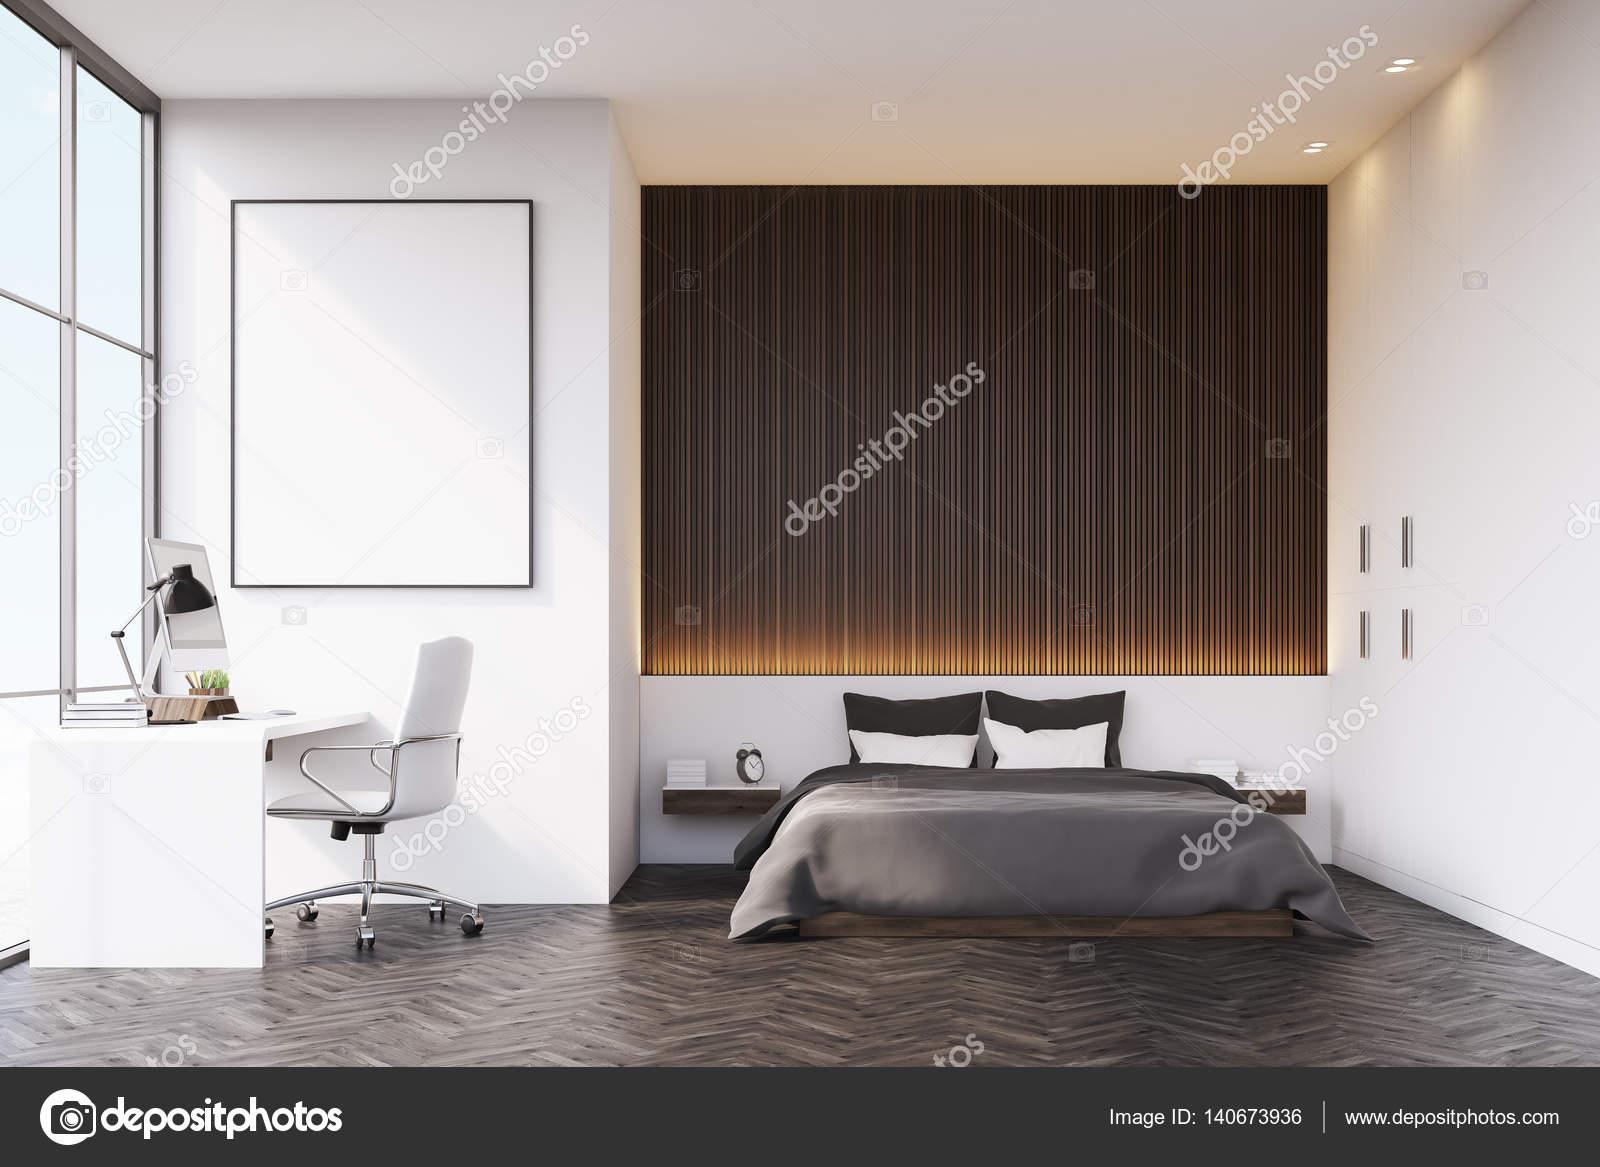 Schlafzimmer Mit Holzwand Und Tabelle U2014 Stockfoto